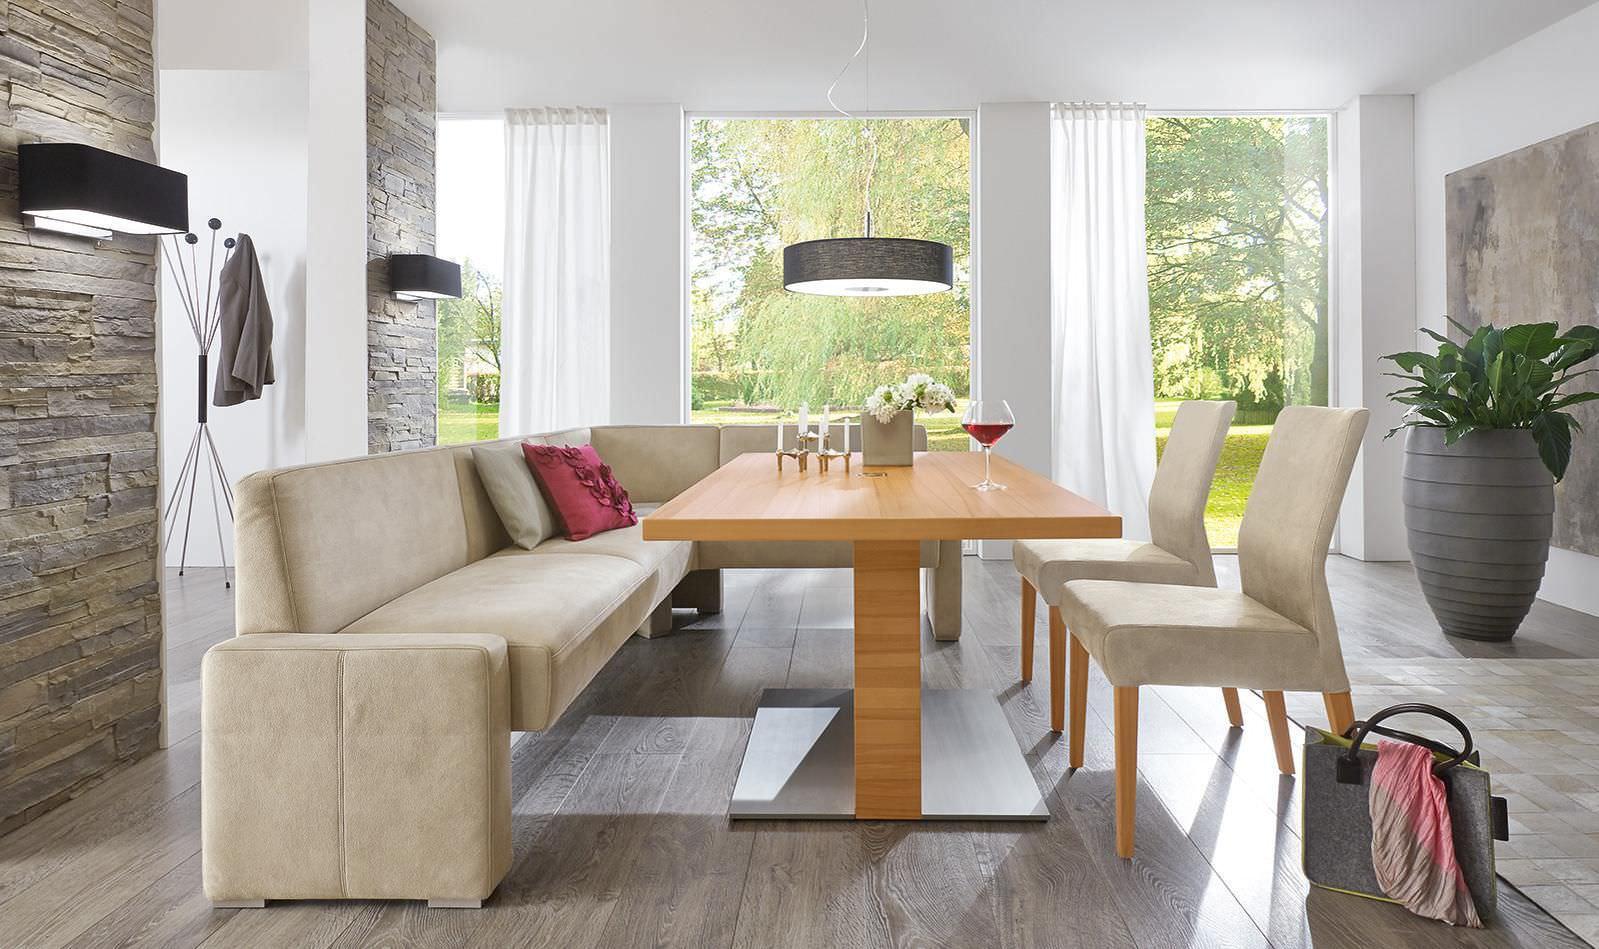 Tavolo da pranzo moderno in legno rettangolare ad altezza